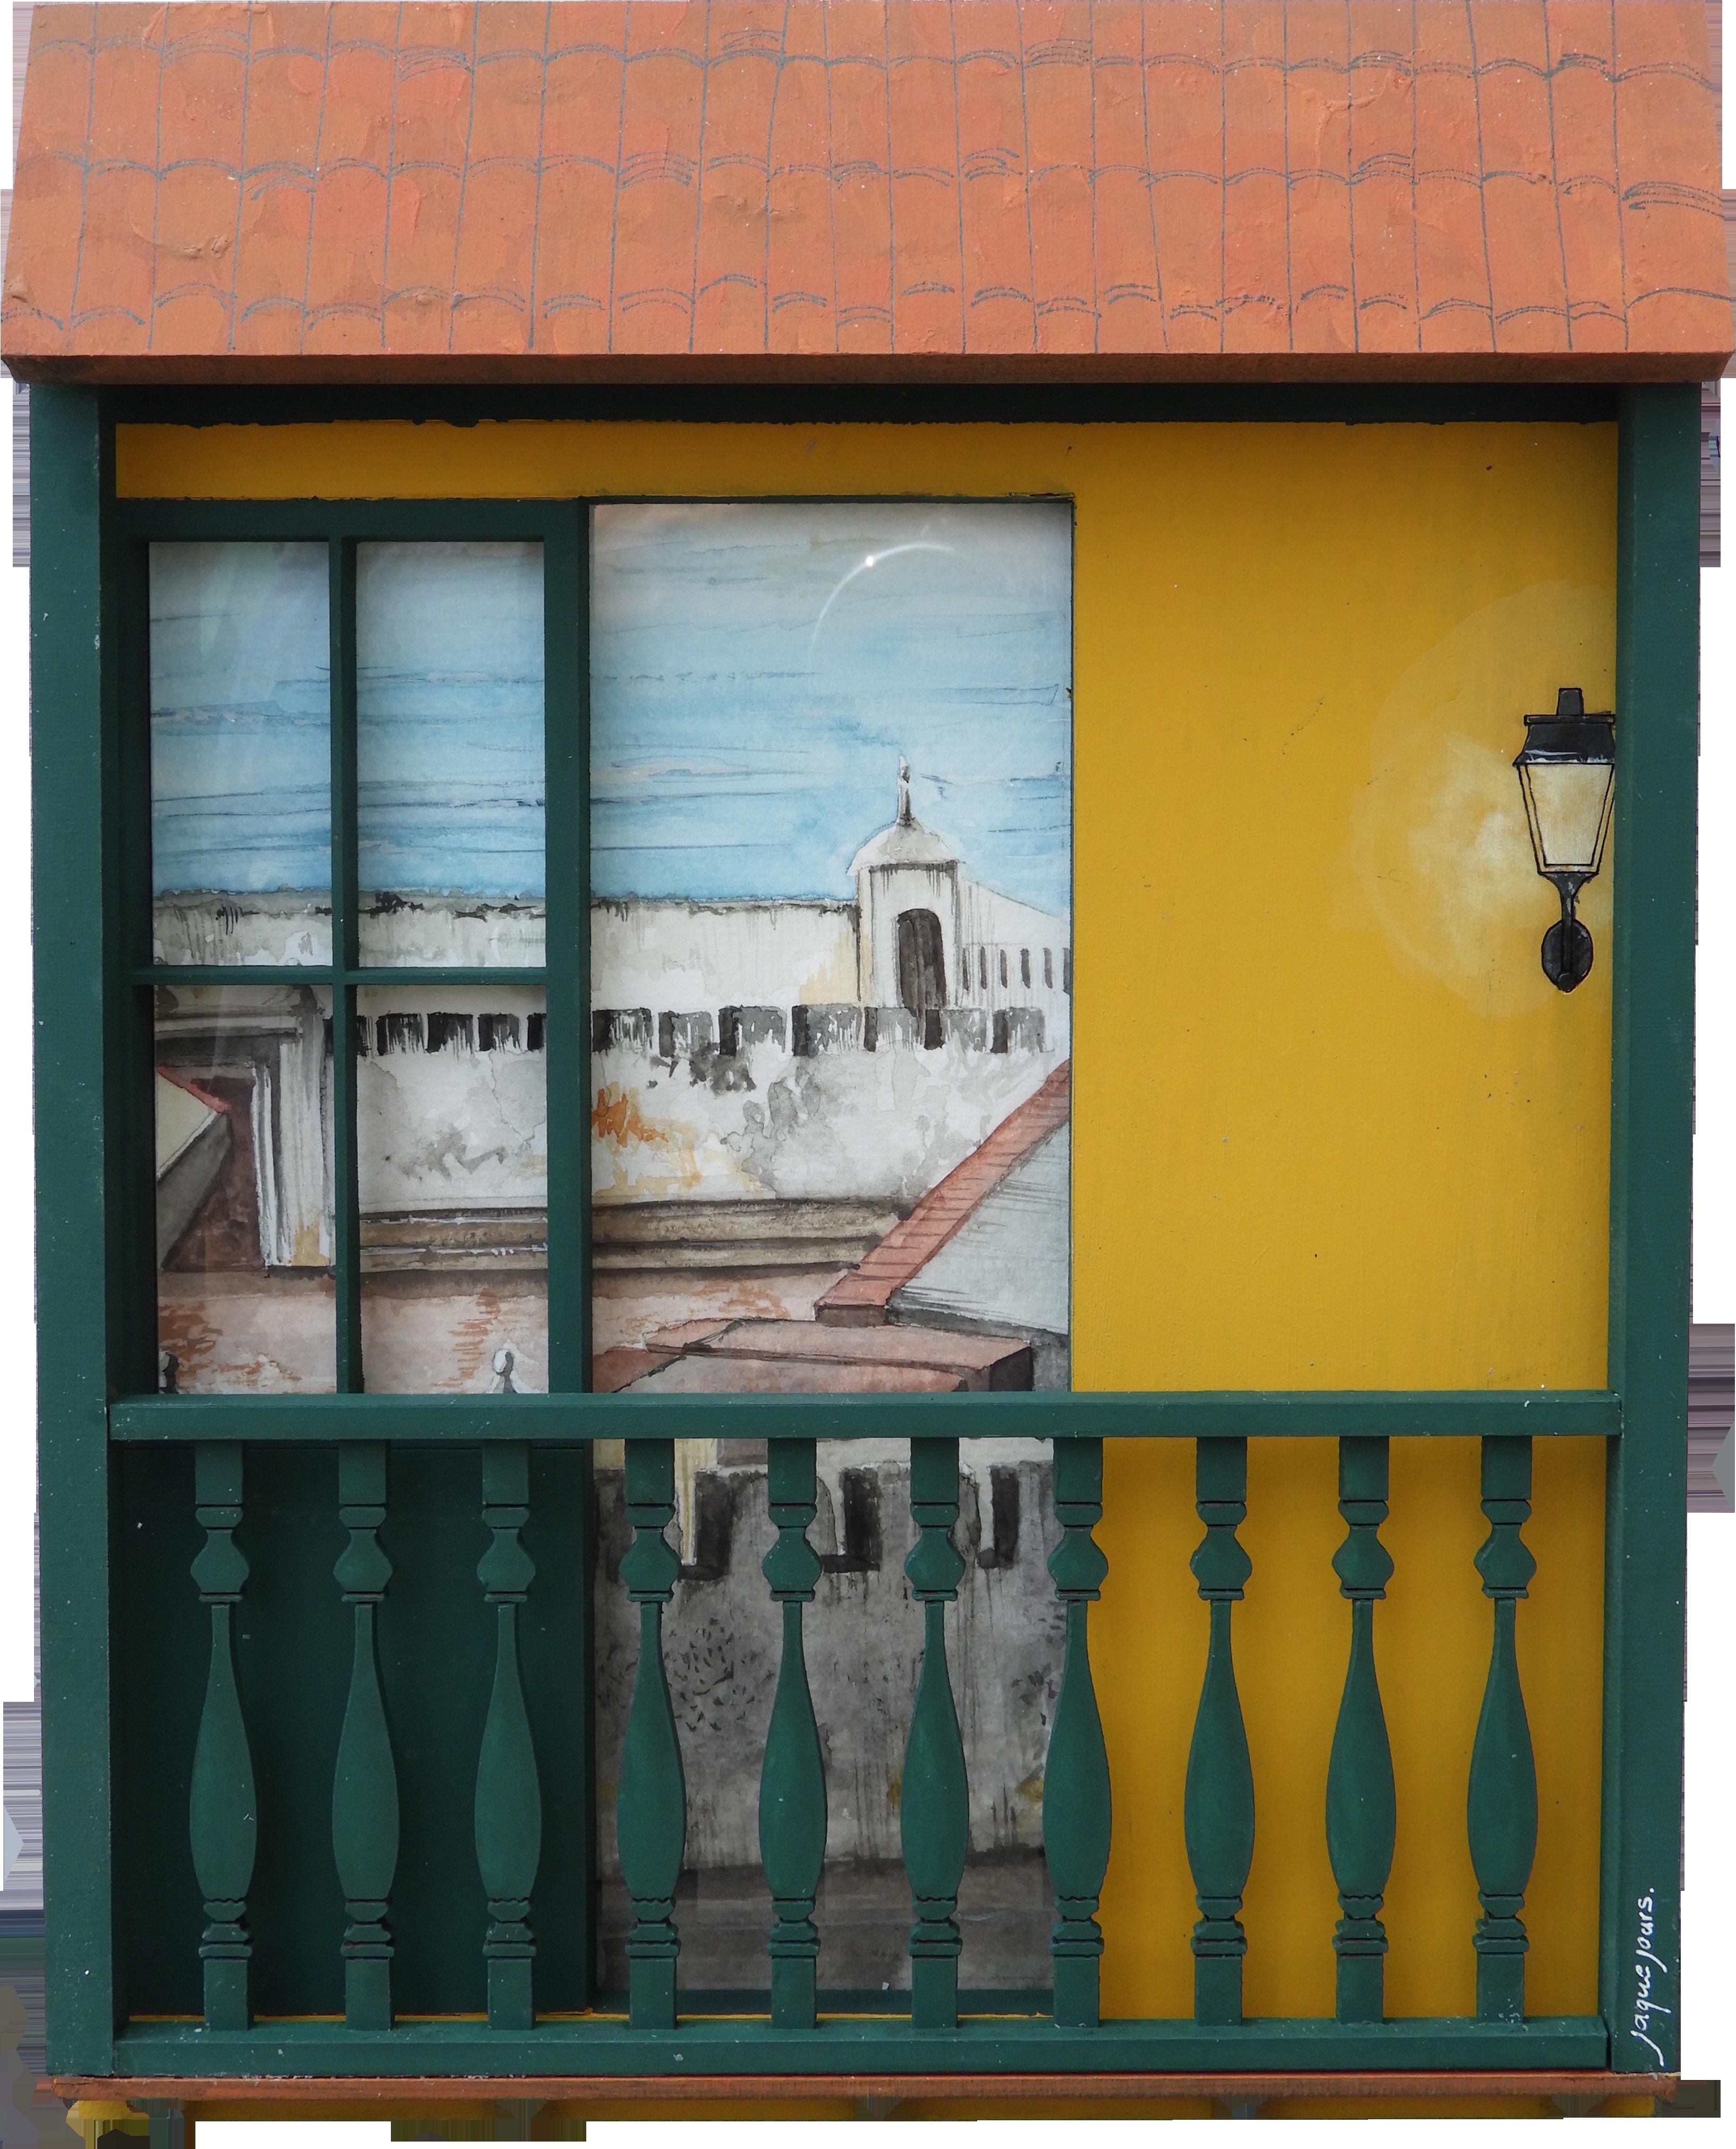 Muralla de Cartagena, Colombia